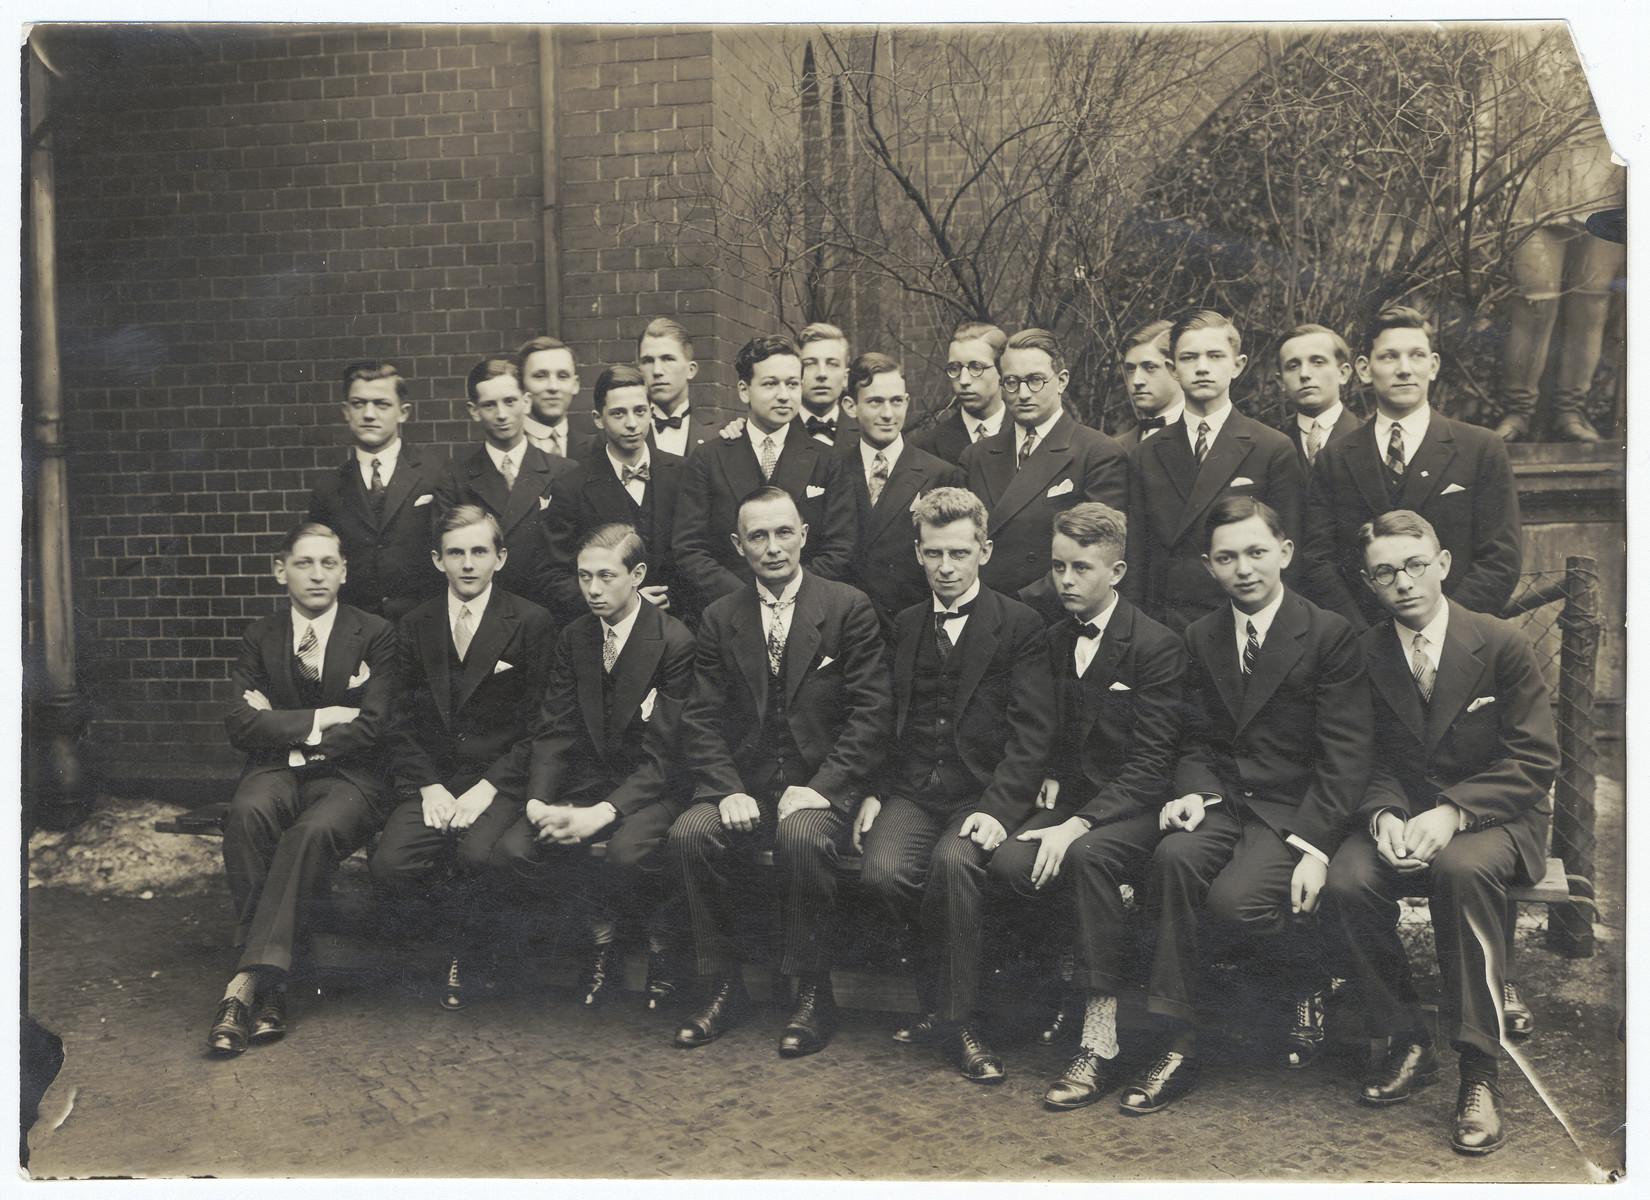 Group portrait of school students after their abitur.  Among the pictured are (left to right):   In the last row, standing: Heinz Panteleit, Walter Alkan, Klaus Bruening, Gerhart Riegner, Herbert Koeker, Kurt Bieber, (...) von Holleben, Erwin Japka, Asver von Braudt, Werner Peter Kahn (wearing glasses), Emil Eckstein, Kurt Panteleit, Gerhard Loeper, and Wolfgang Fleck. In the first row (sitting): Klaus Rosenthal, Joachim Ackermann, Gerd Wolfson, Direktor Voigt, Studienrat Remm, Werner Fuerst, Heinz Pinkus, and Dietrich Frohmann.